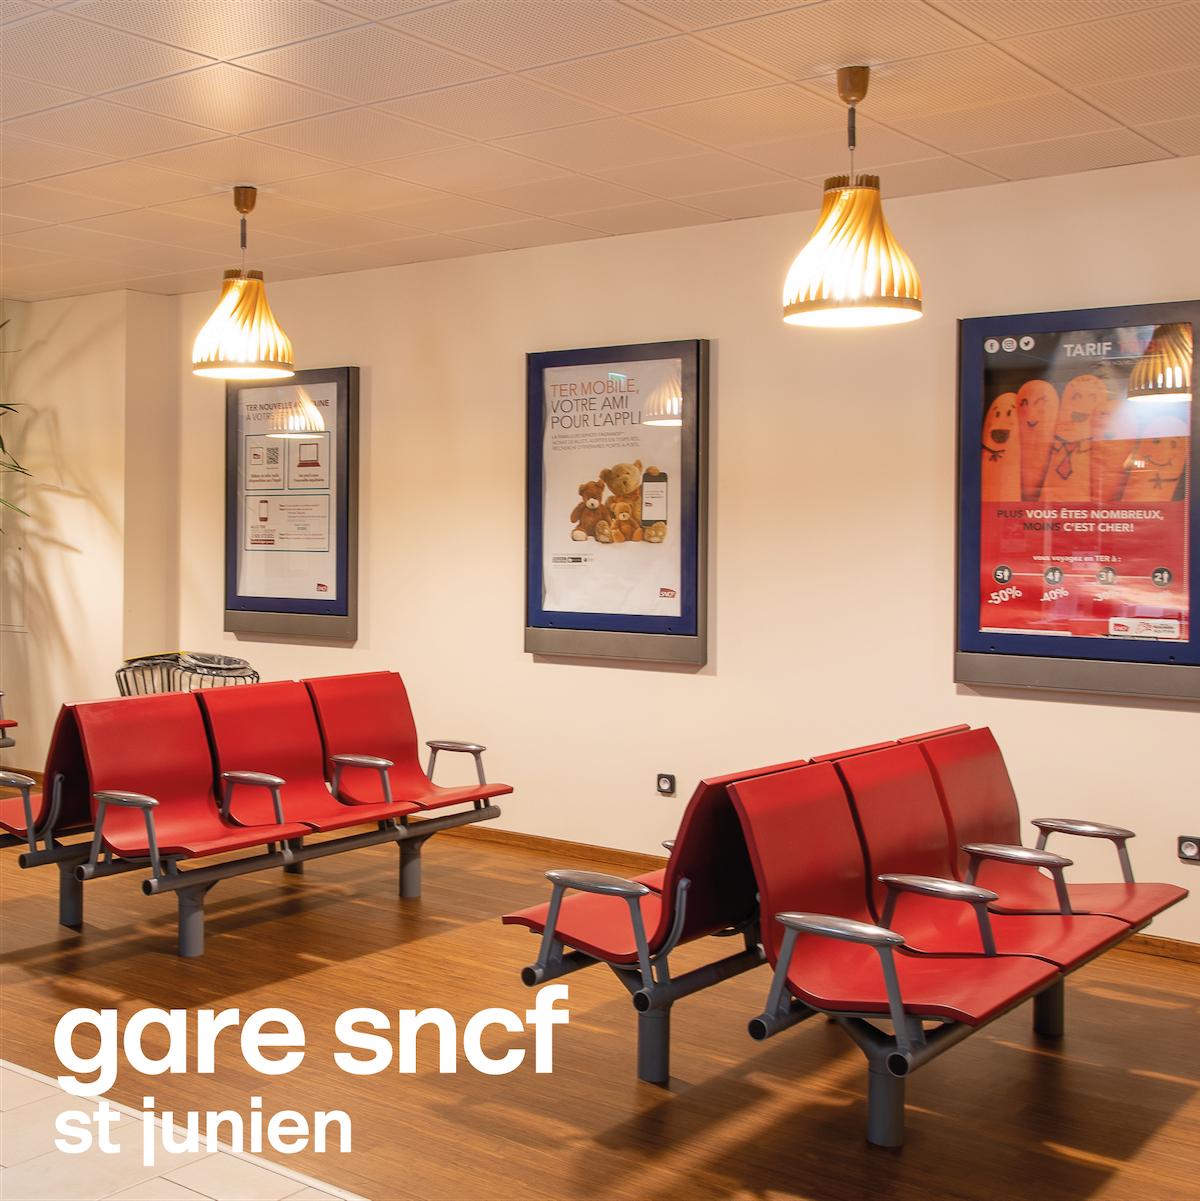 gare SNCF St Junien (87) / salle d'attente